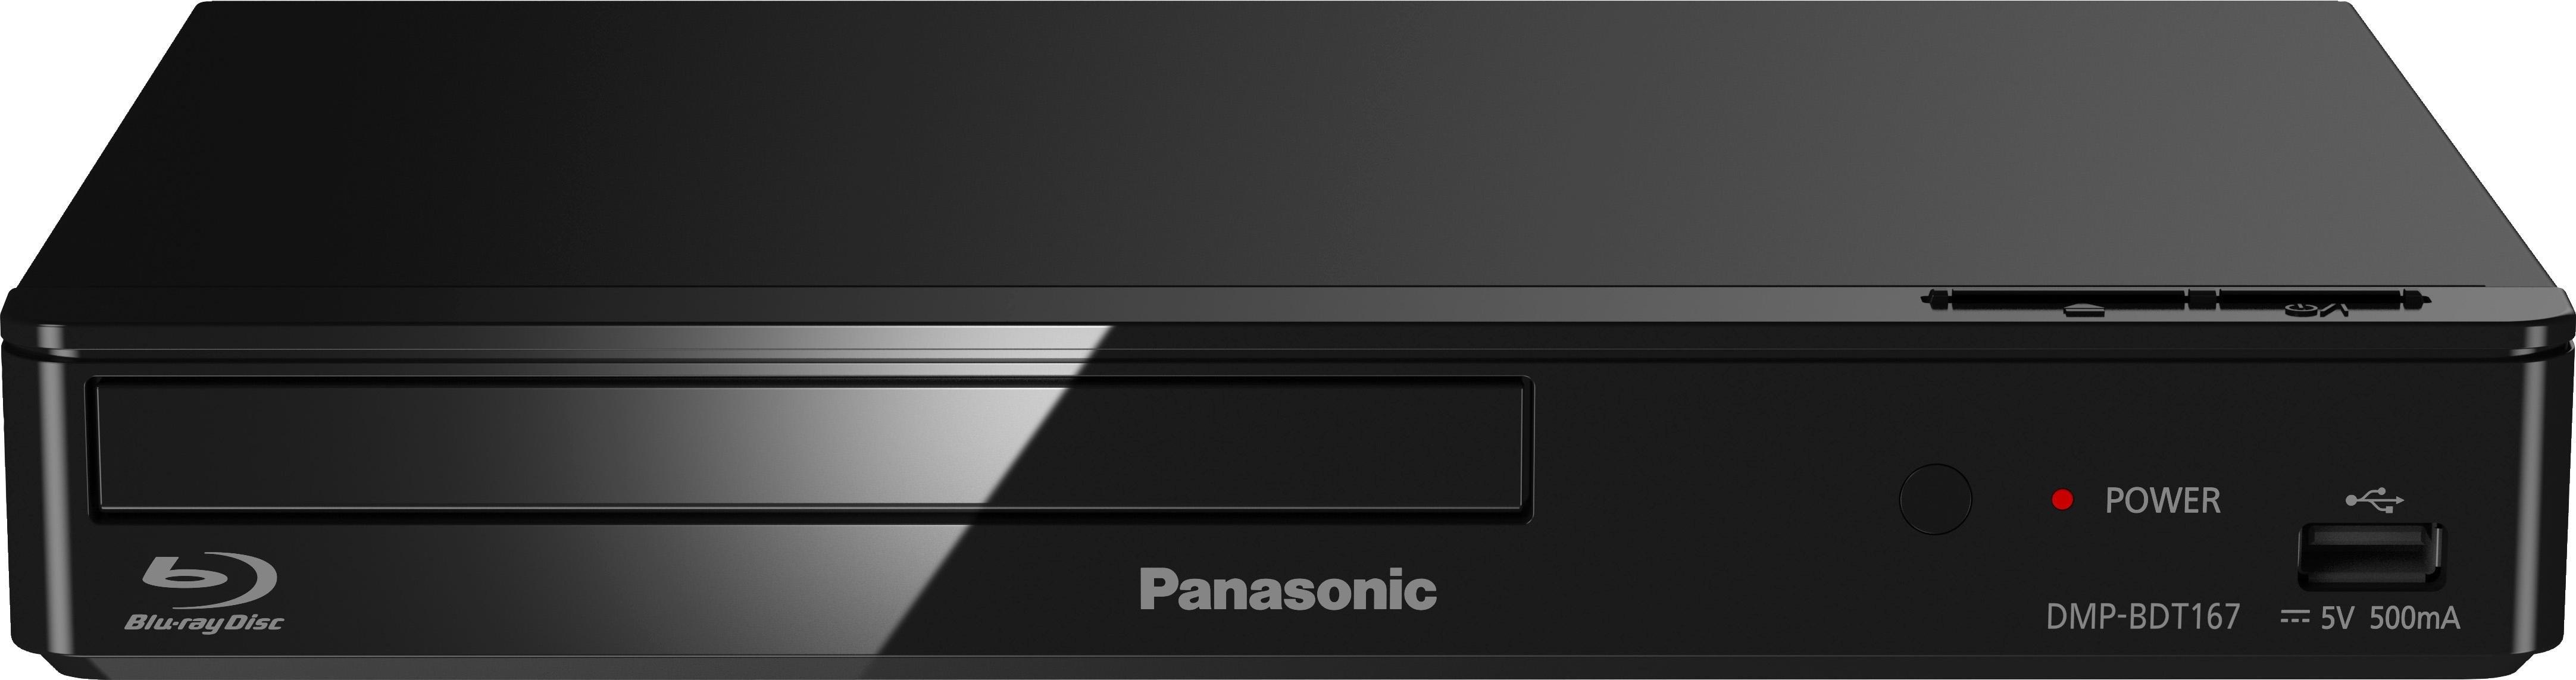 Panasonic »DMP-BDT167« blu-rayspeler (LAN (ethernet)) in de webshop van OTTO kopen